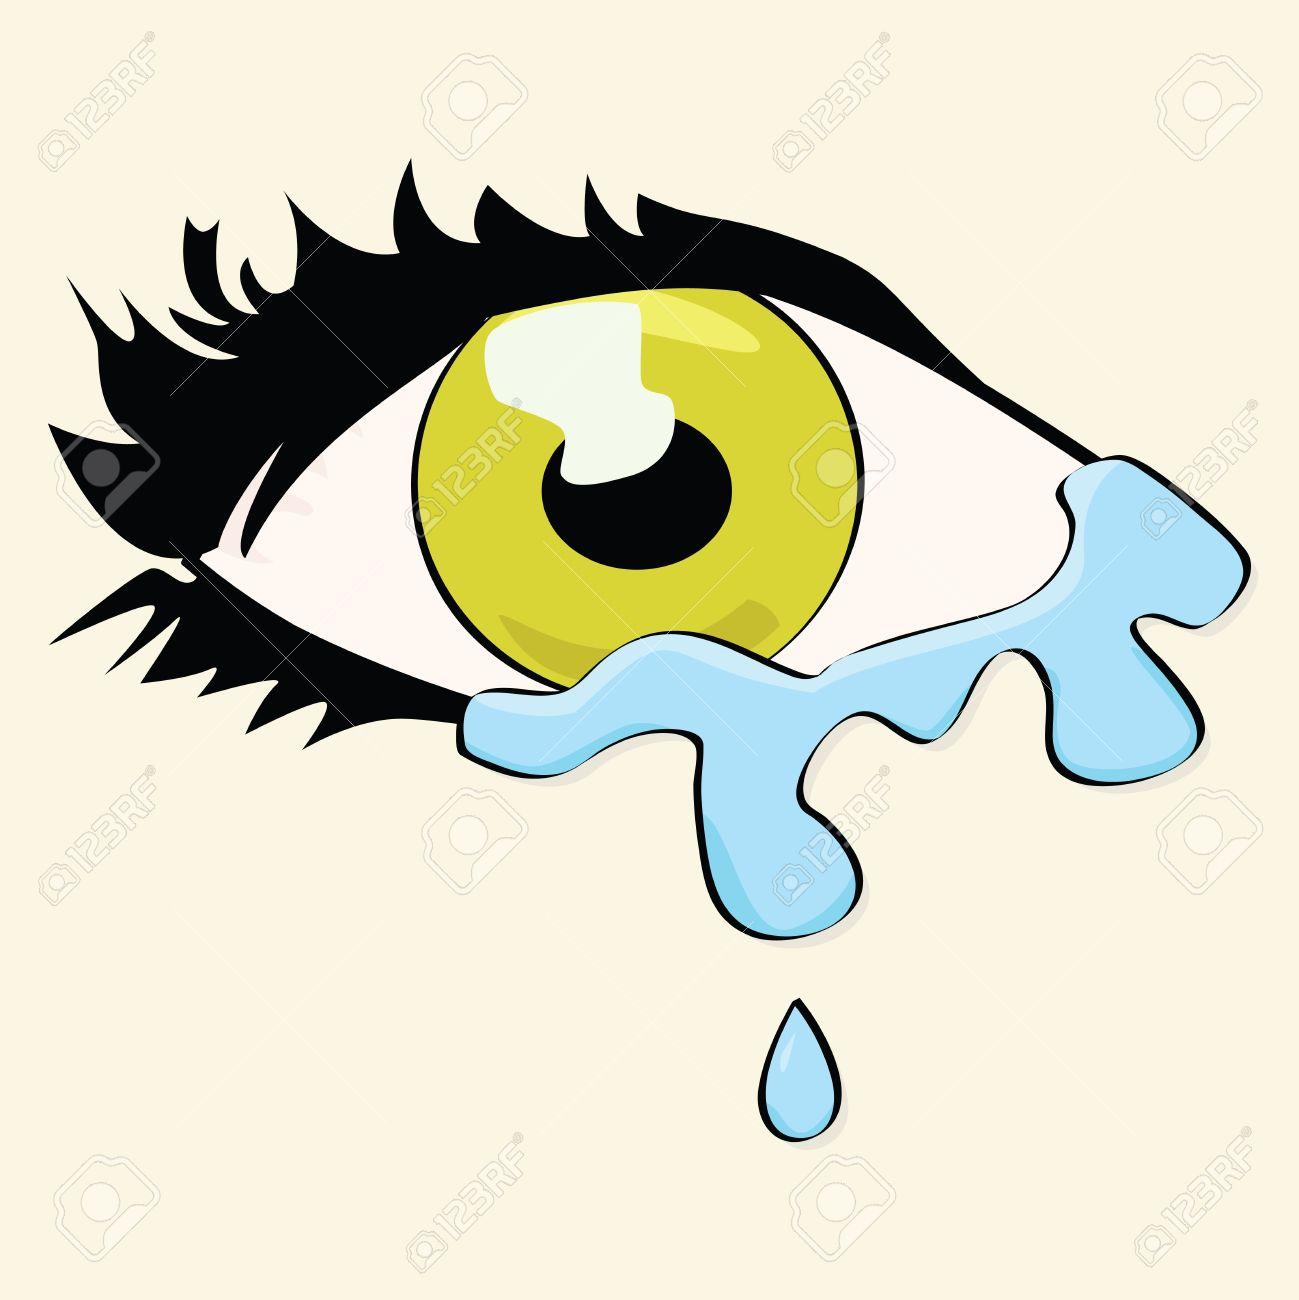 Dibujo Animado De Ilustración De Los Ojos De Una Mujer Llorando